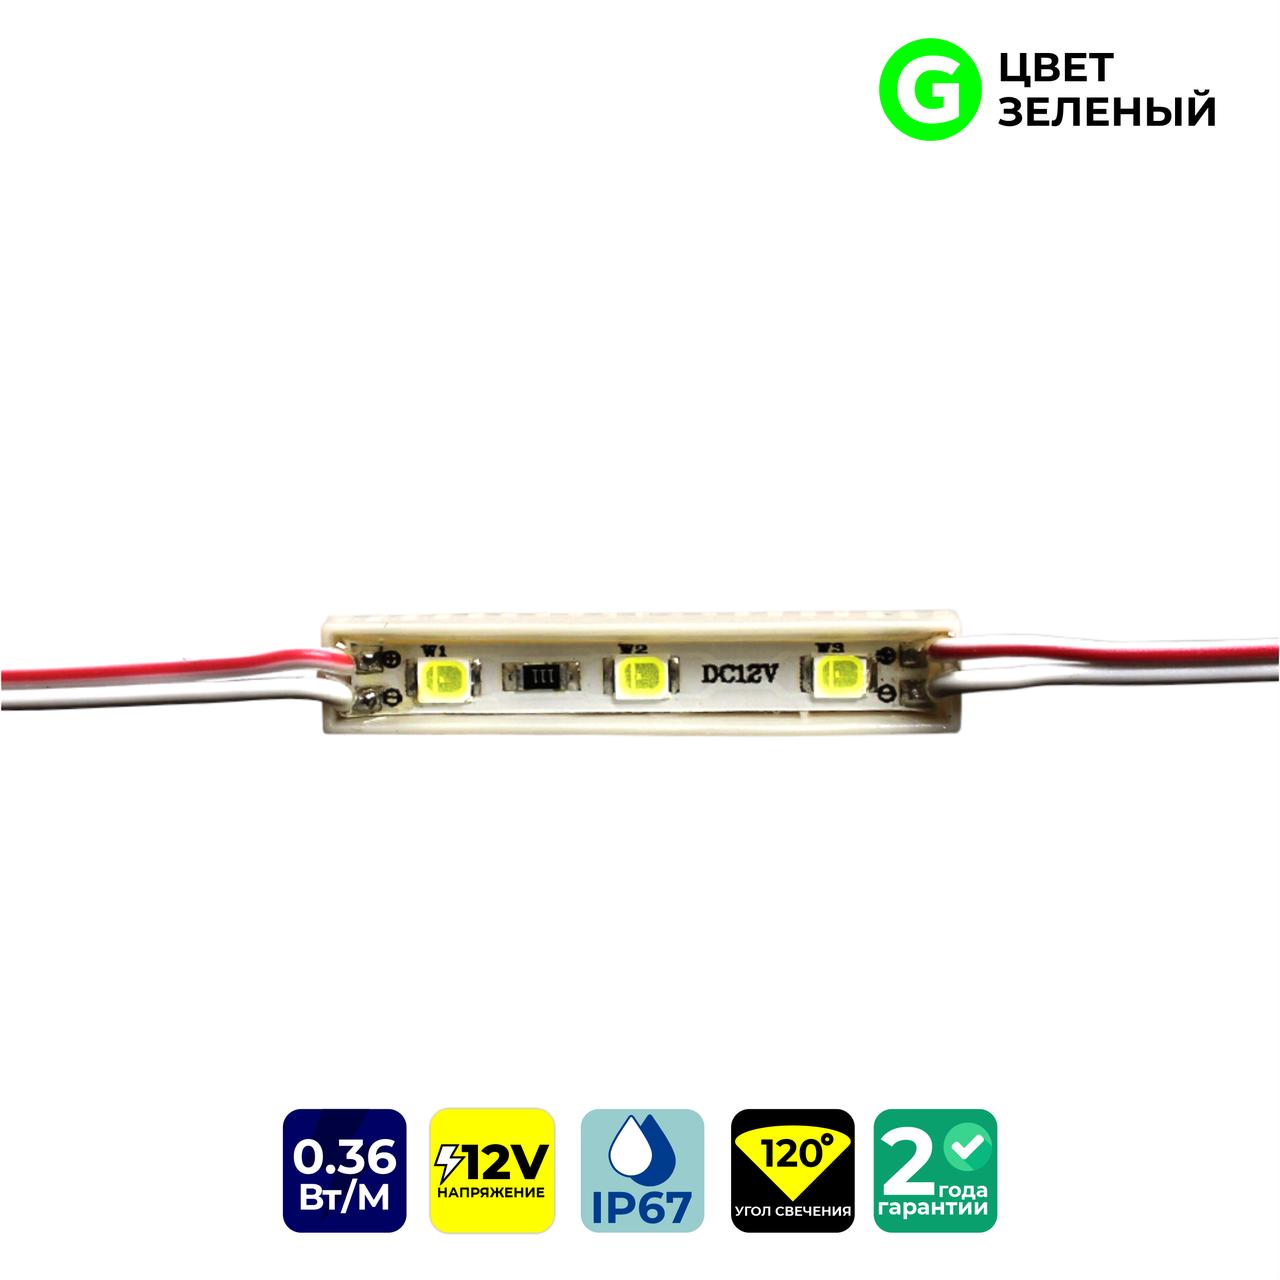 Светодиодные модули FT0839G3SMD2835 (IP67) 0,36W, цвет - зеленый